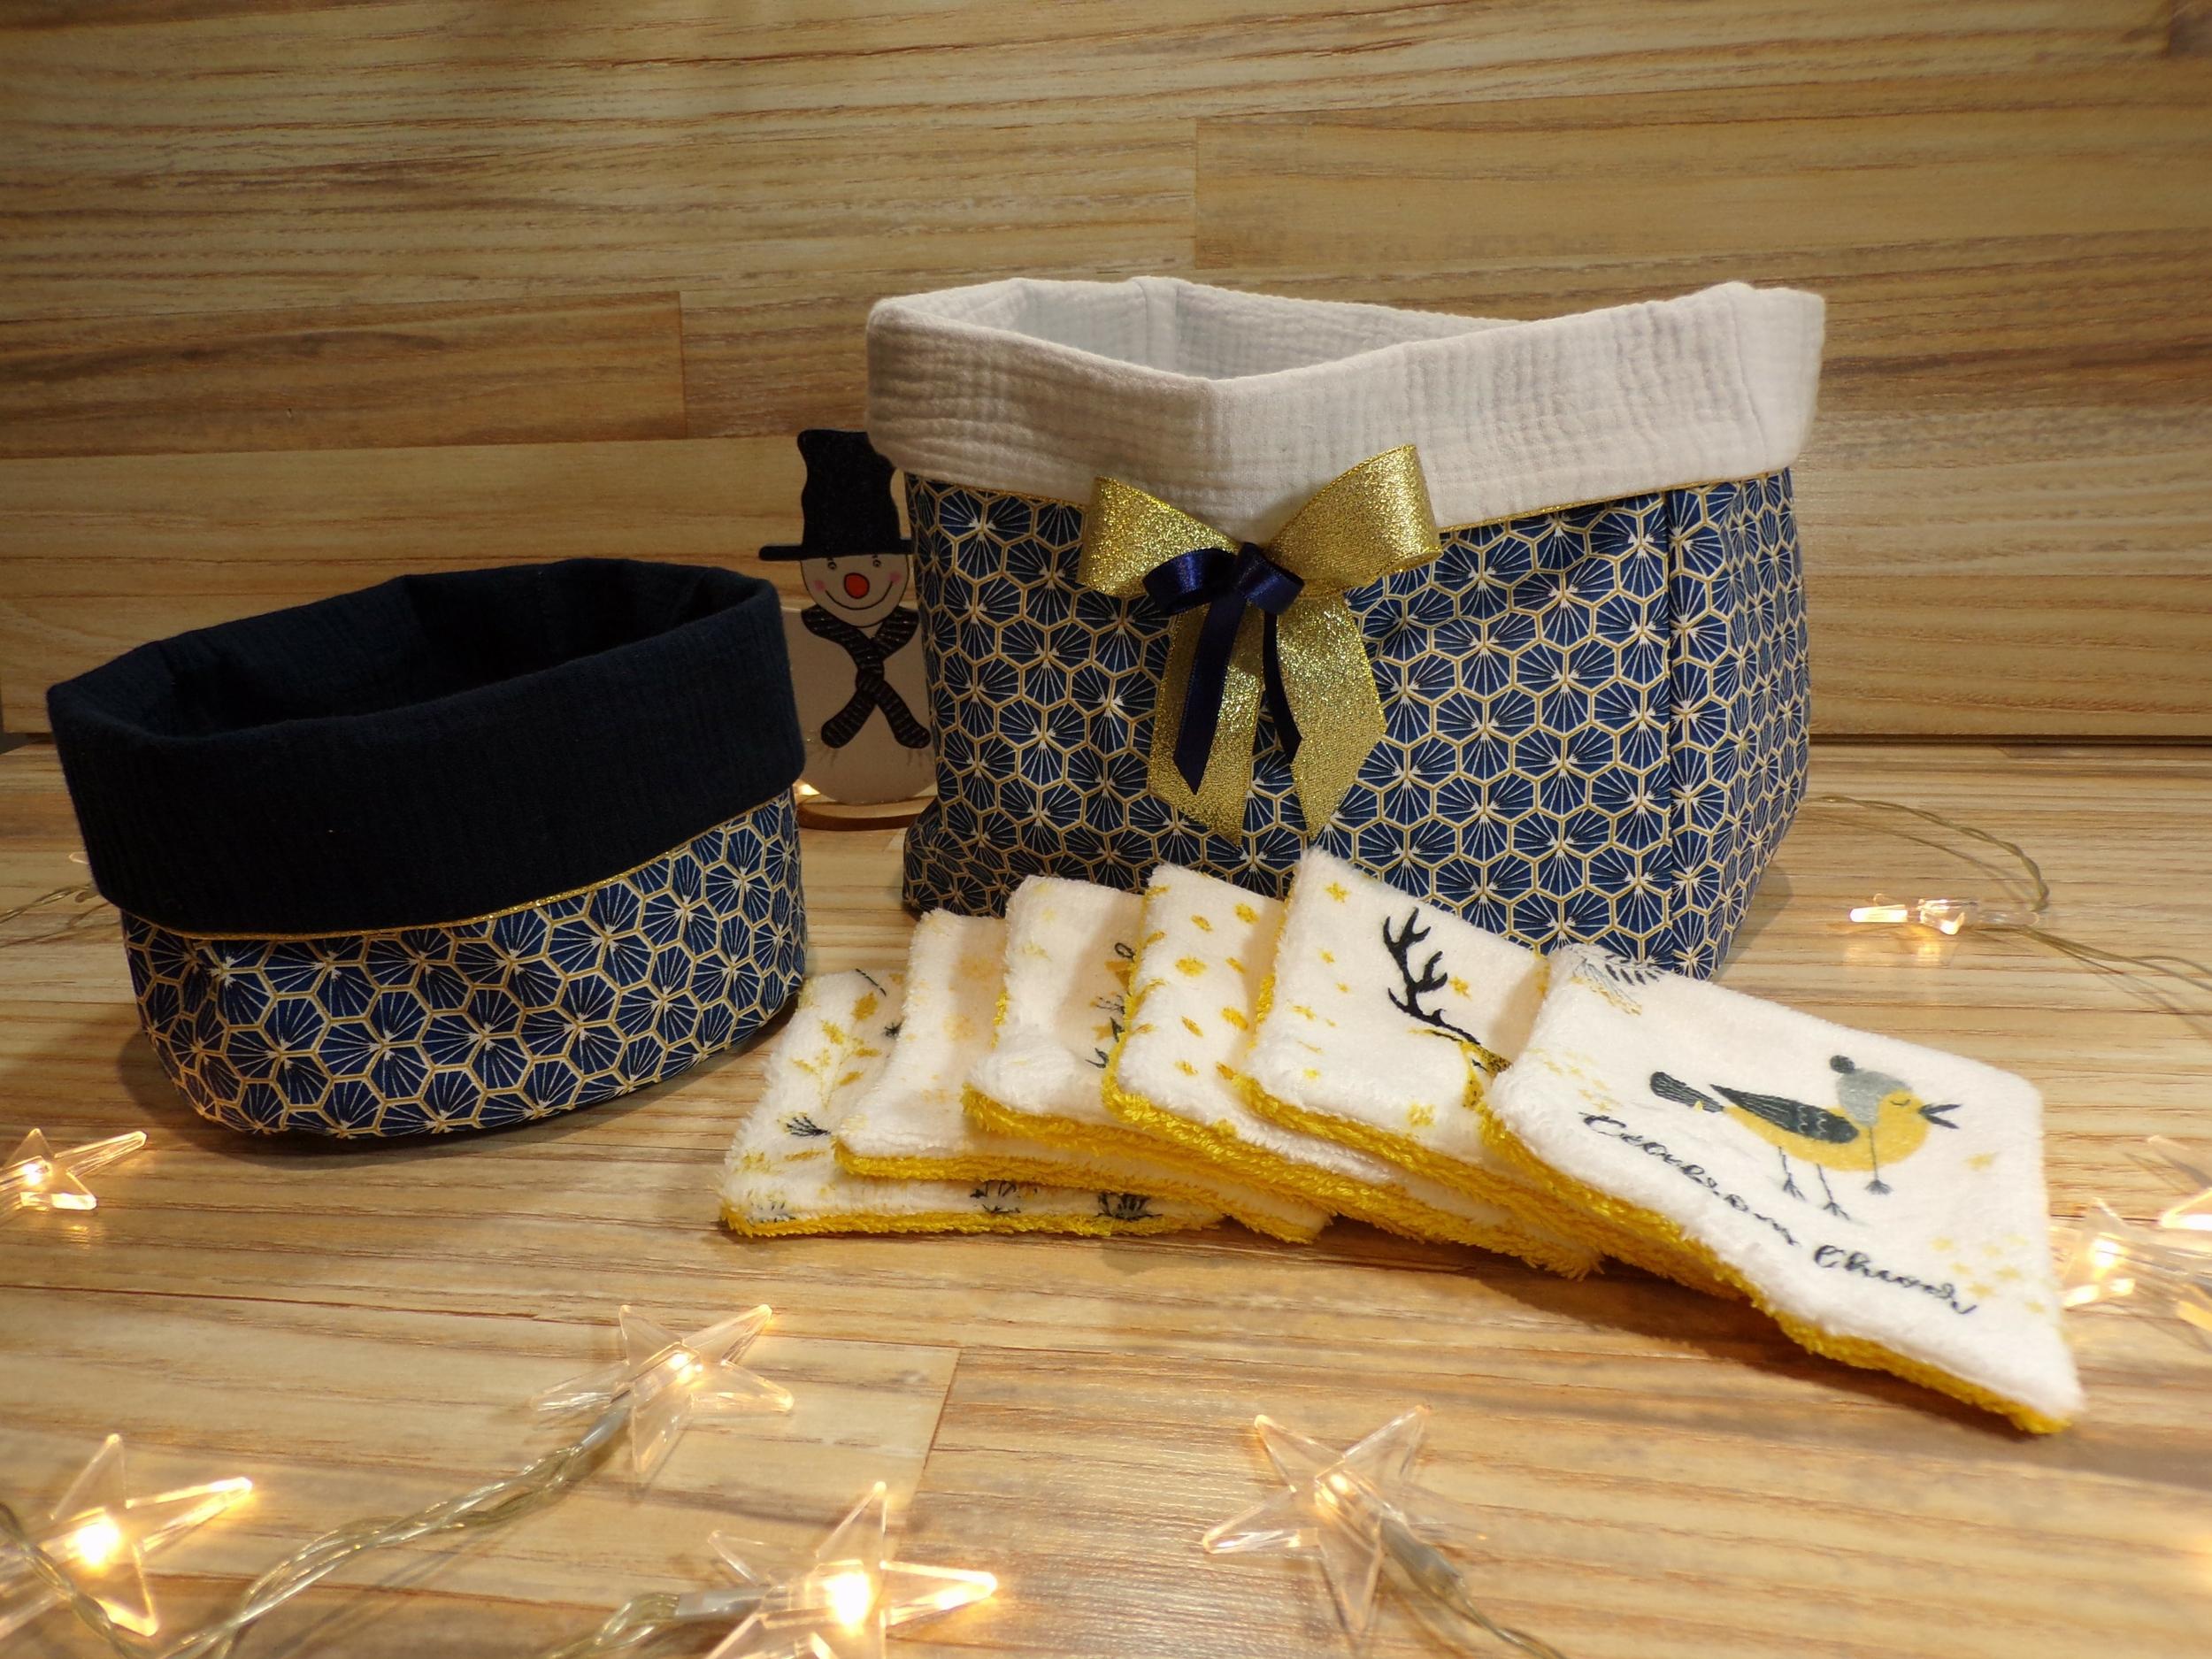 Corbeilles et lingettes lavables bleu royal et doré